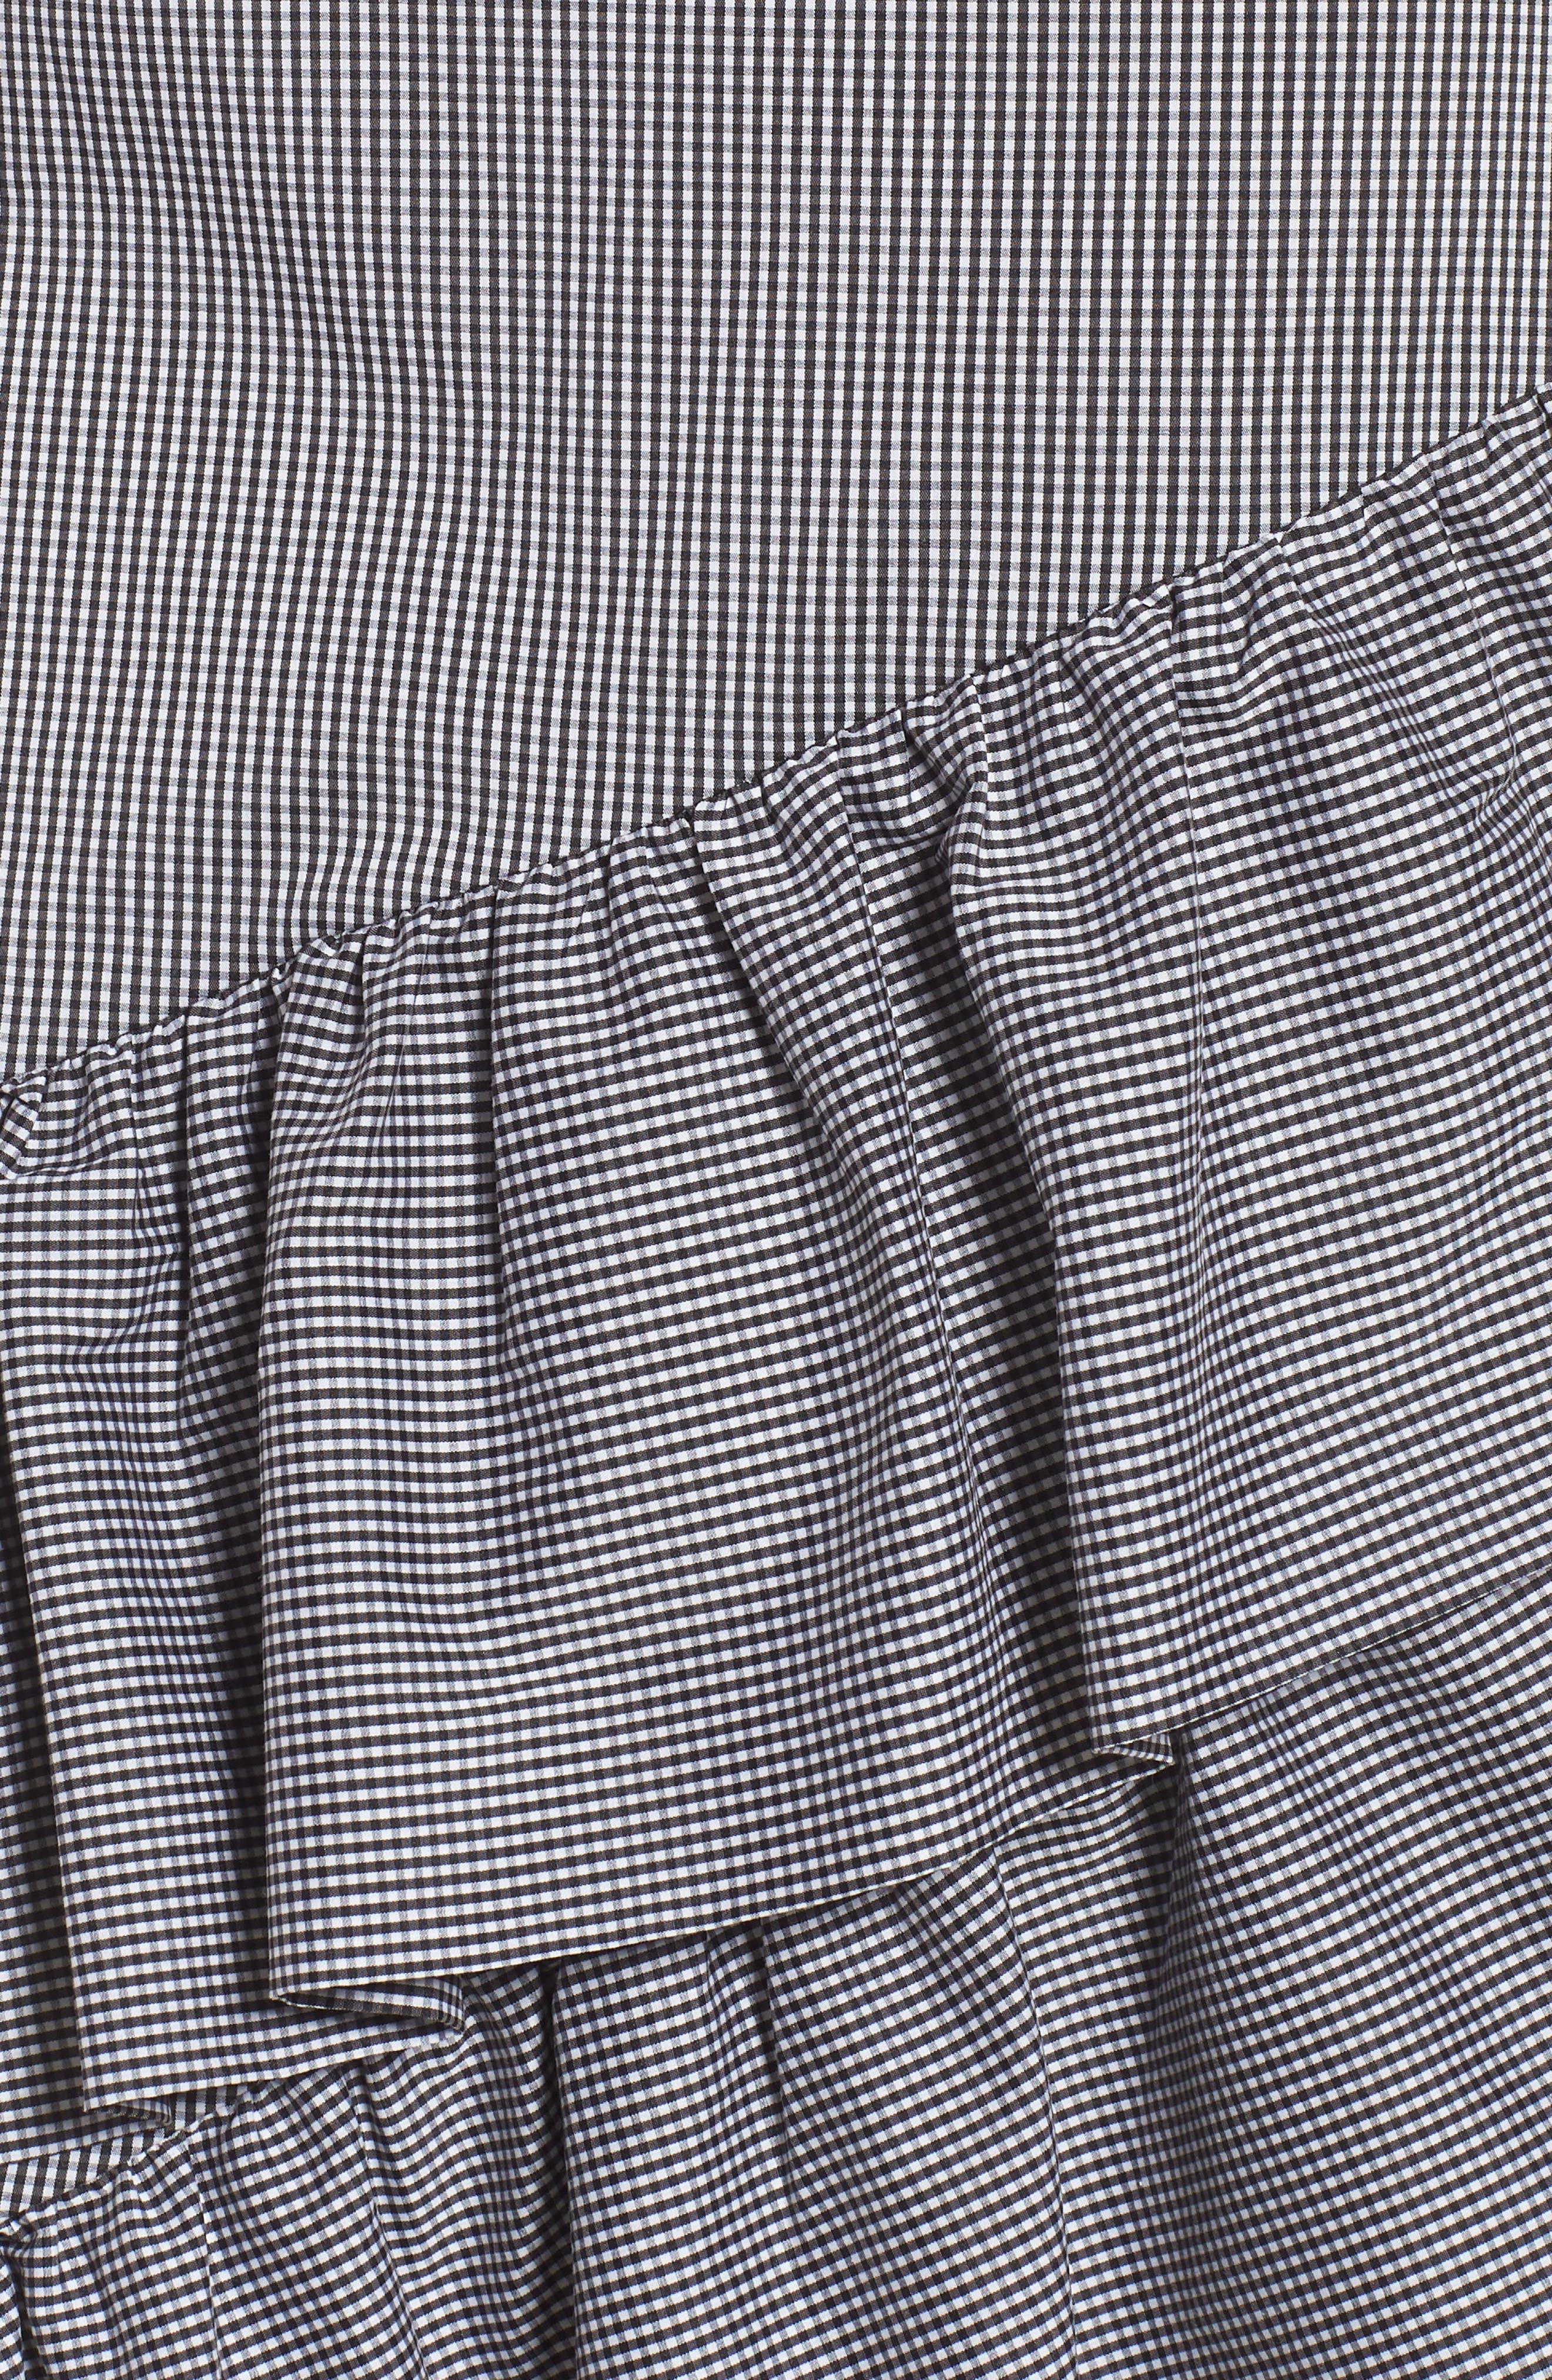 Gingham Ruffle Skirt,                             Alternate thumbnail 5, color,                             001